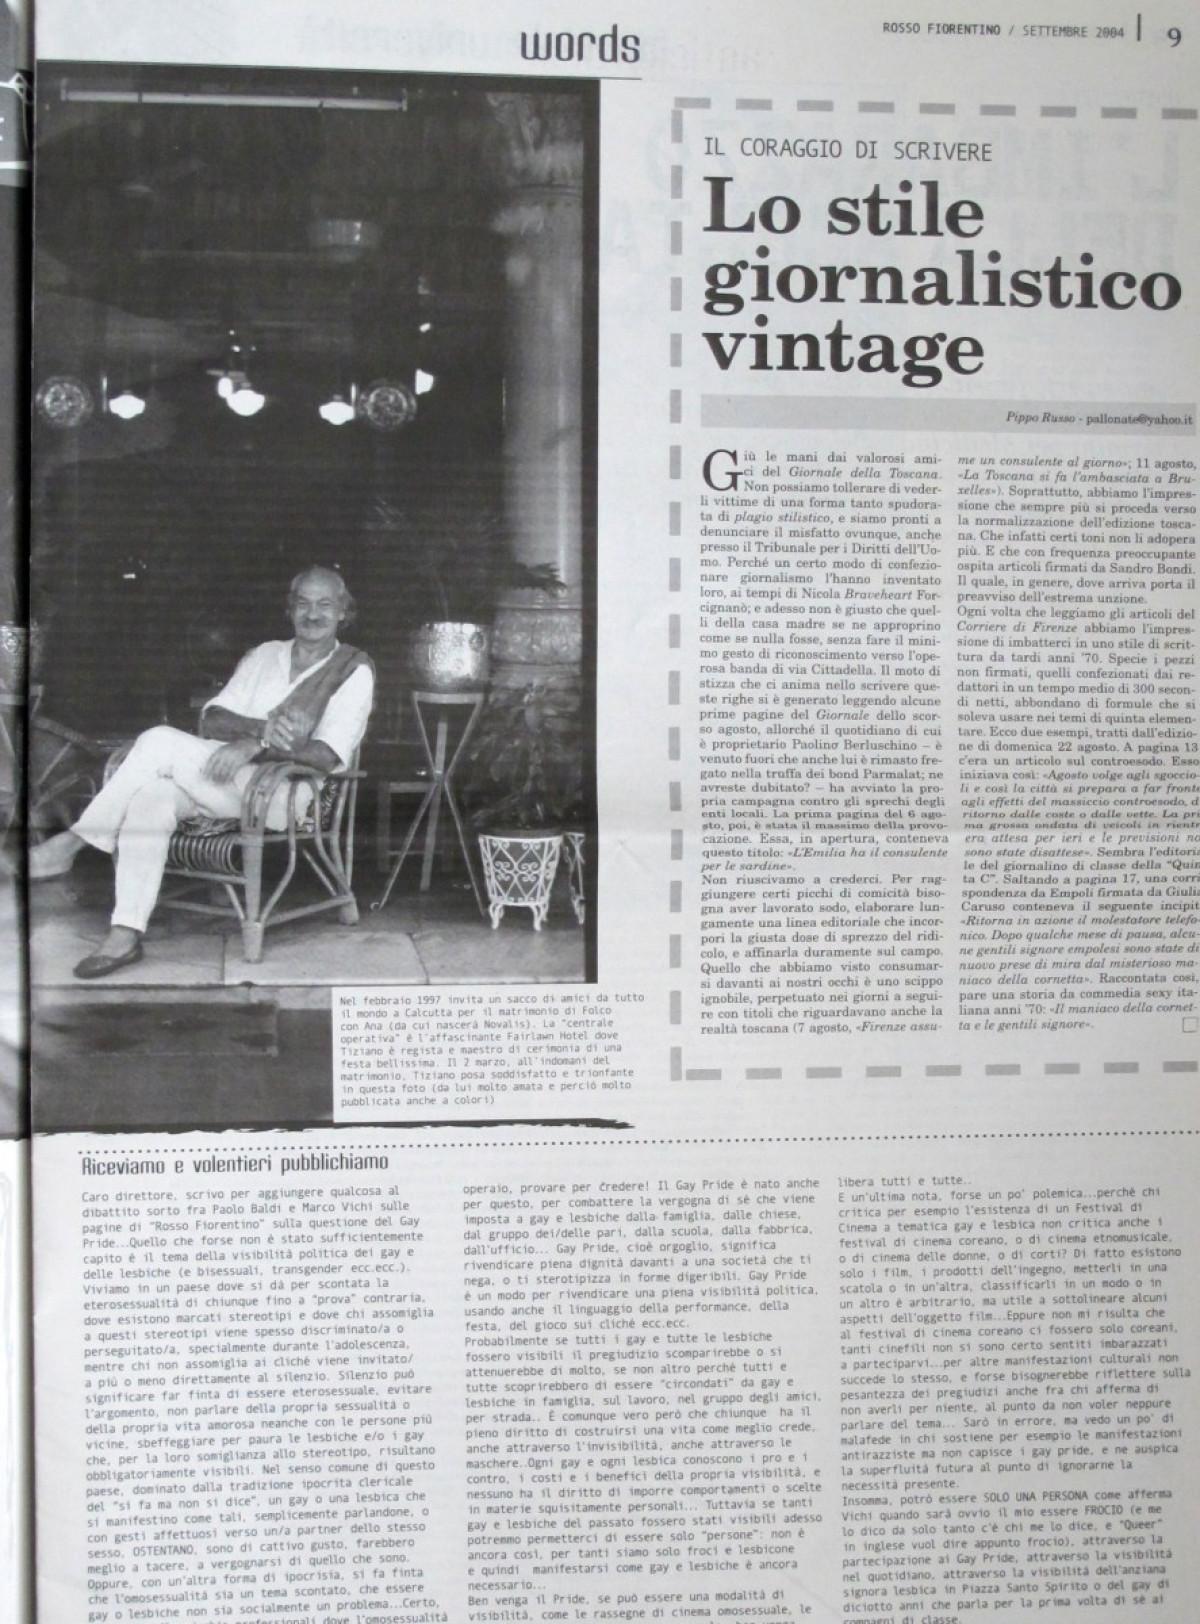 2004 - A man is dead - Rosso Fiorentino